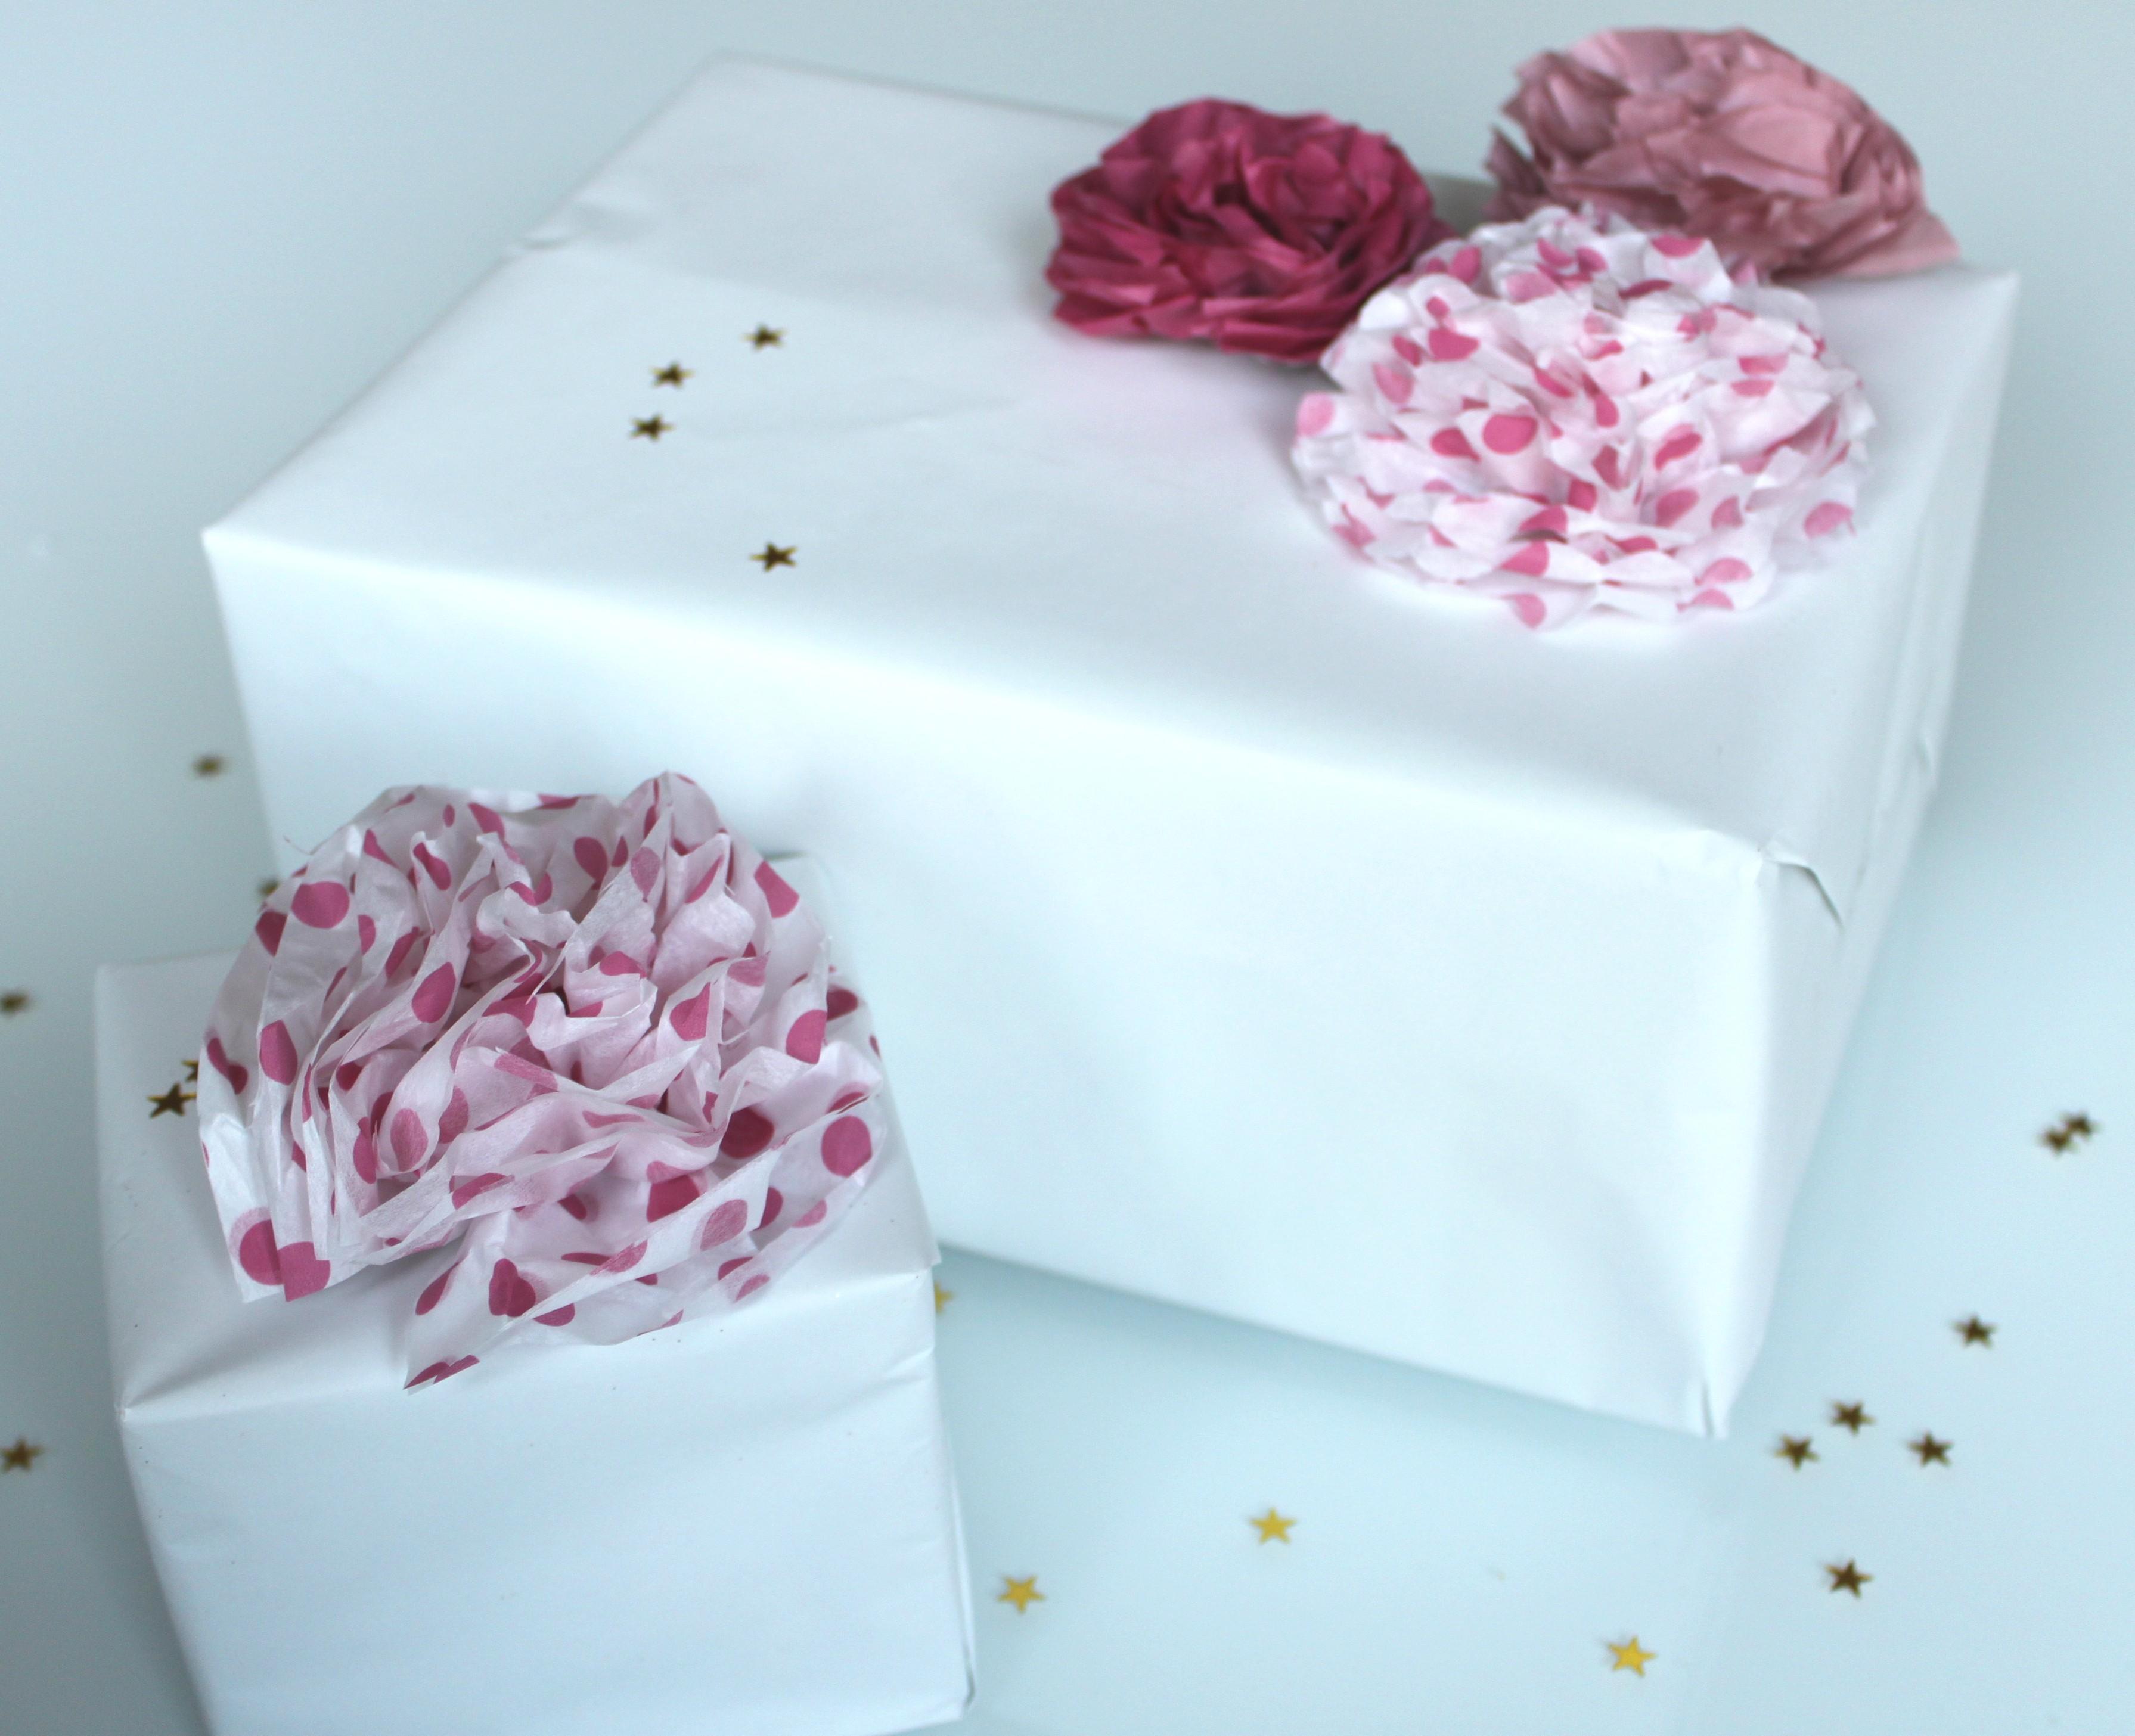 Diy r aliser de jolis paquets cadeaux avec des pompons - Faire de jolis paquets cadeaux ...